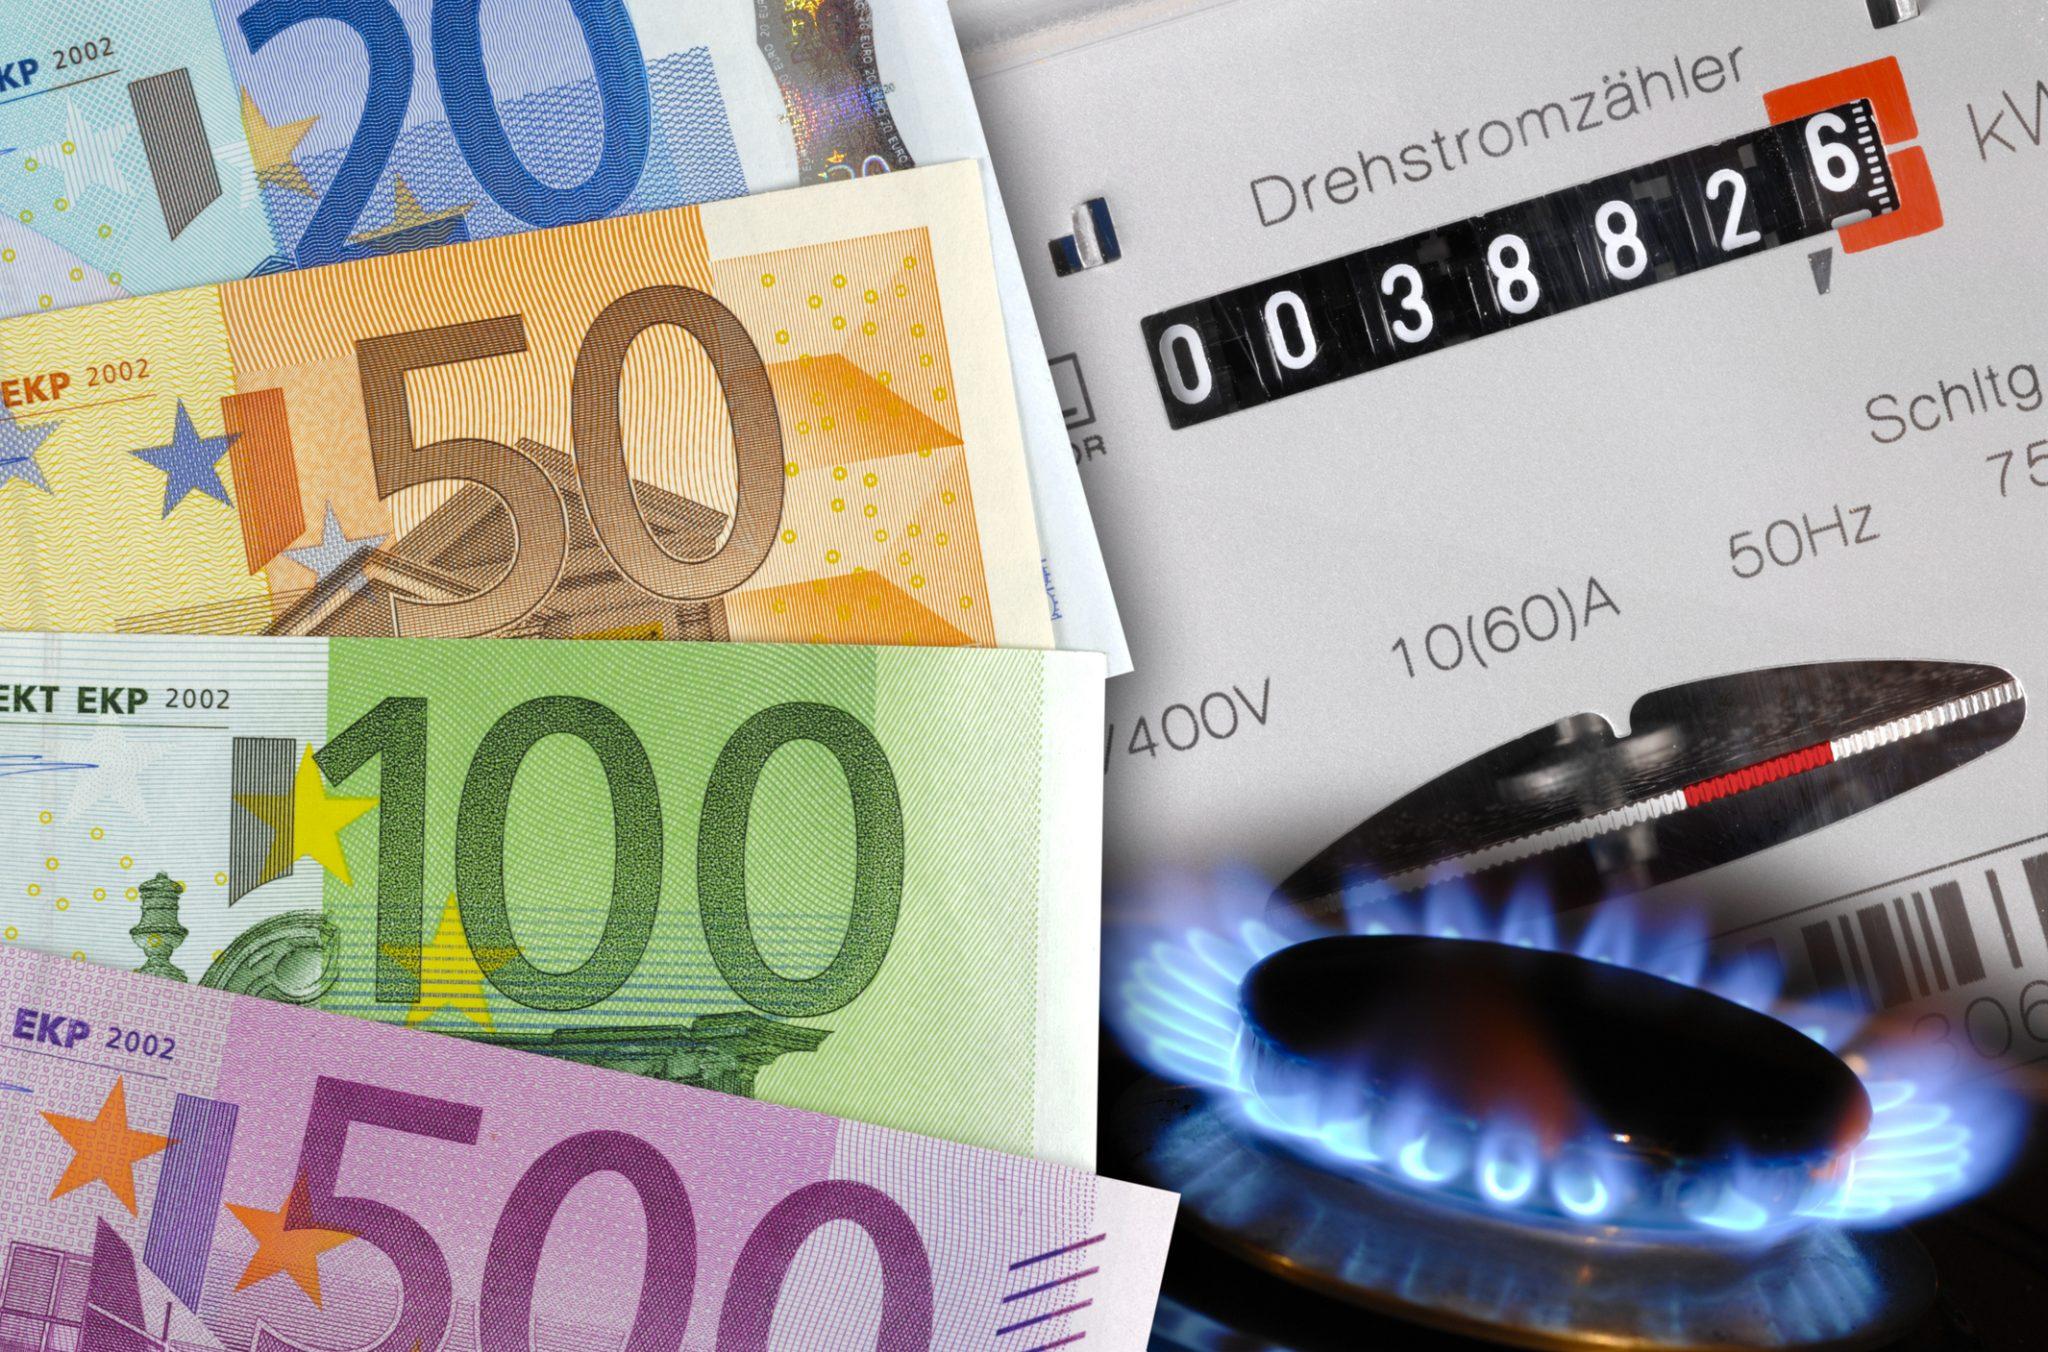 Dans un bilan publié mardi 18 mai, le médiateur de l'énergie, Olivier Challan Belval, pointe les dysfonctionnements et mauvaises pratiques de certains opérateurs, dont Total Energie Direct et Eni.